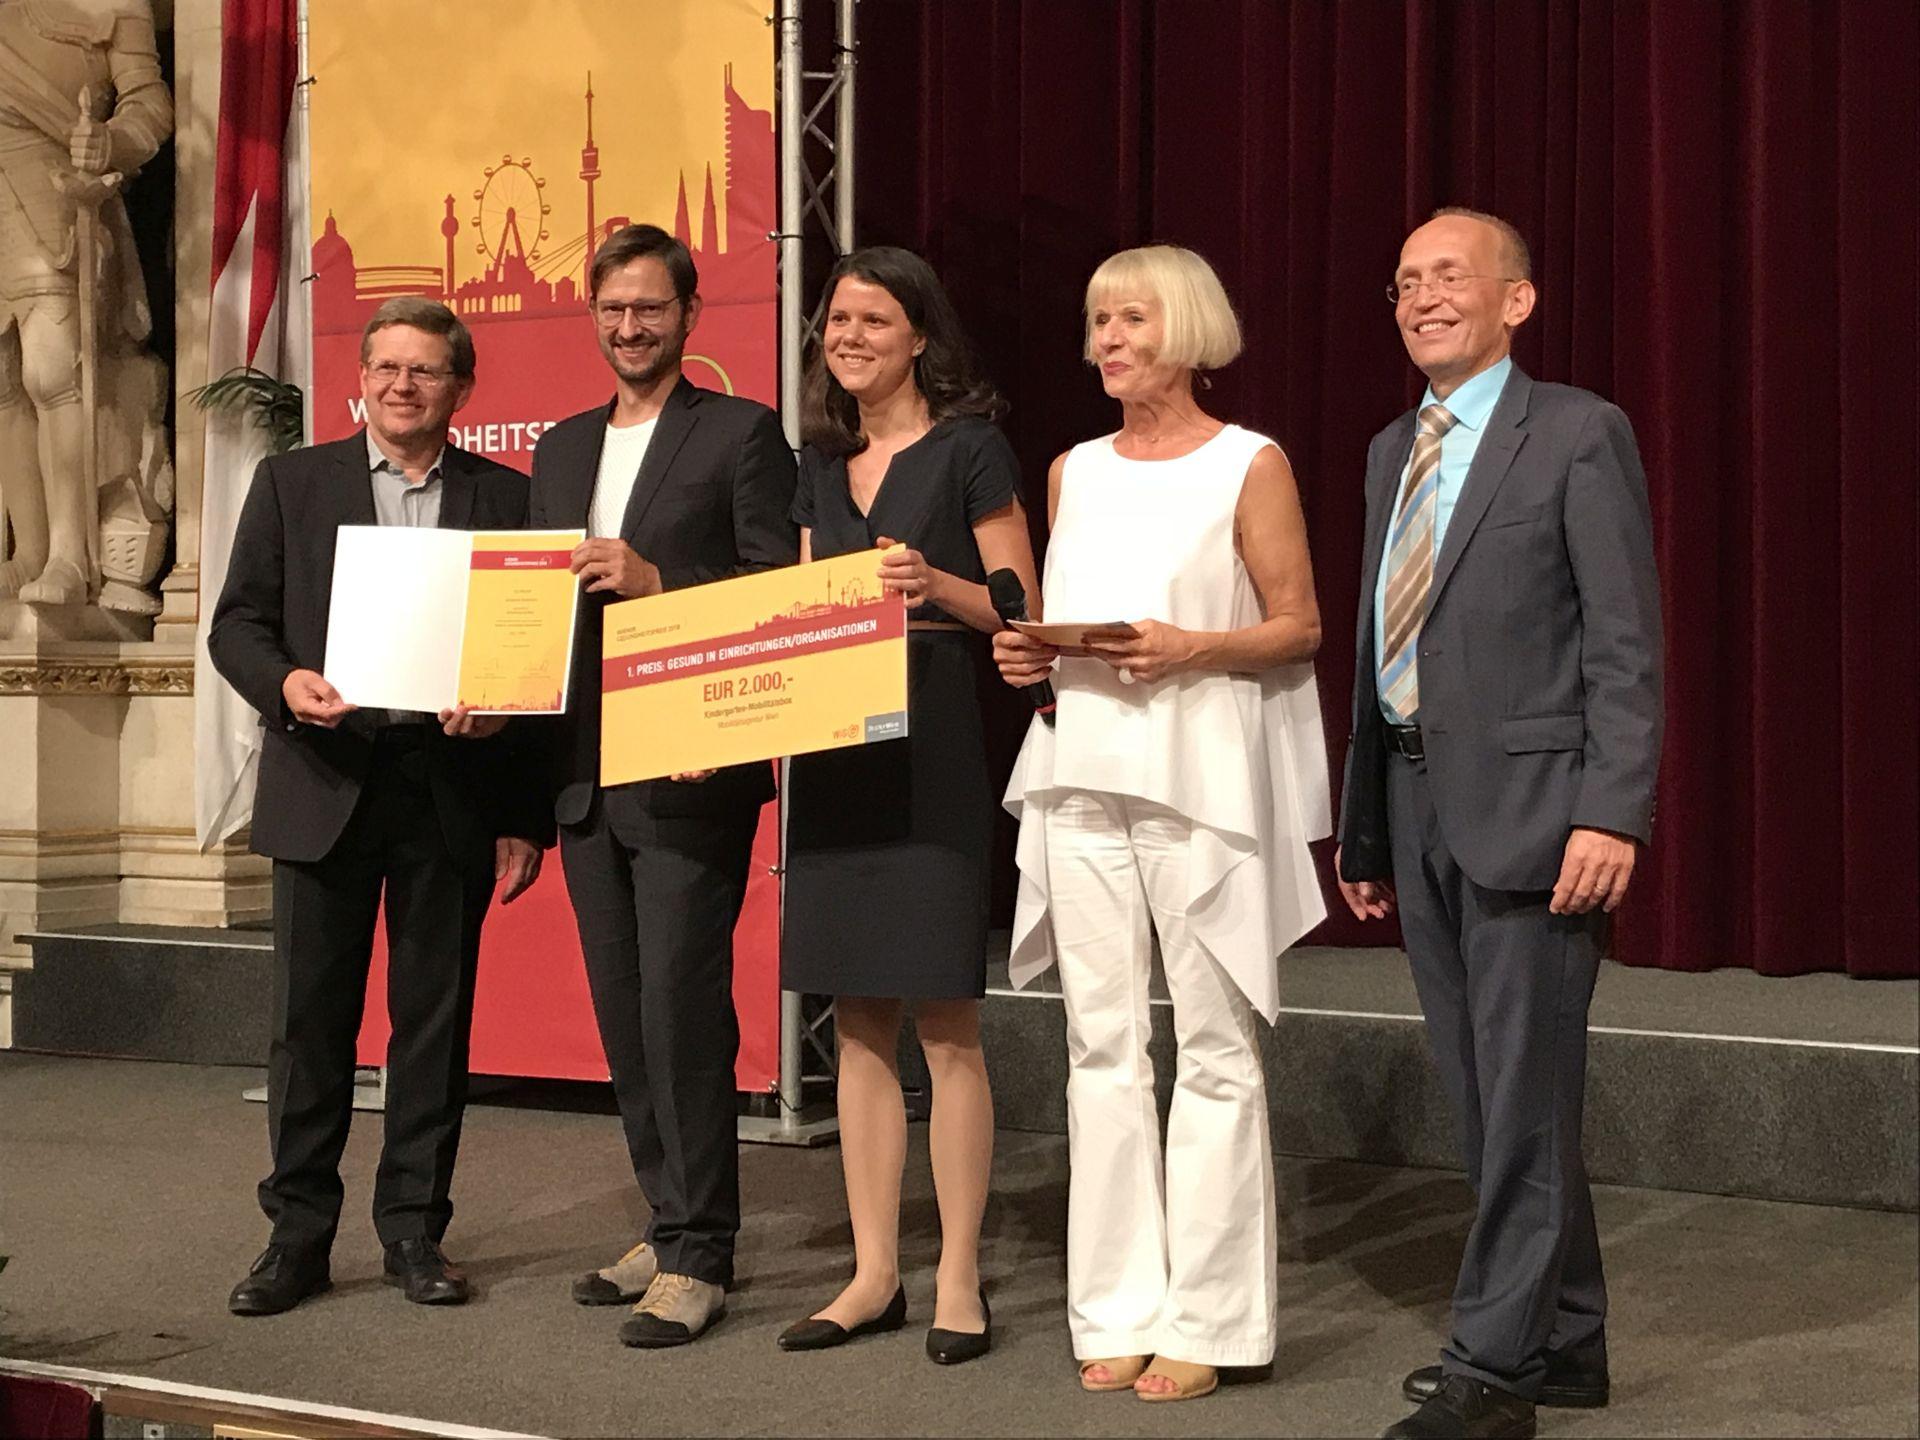 Wiener Gesundheitspreis 2018. v. l. n. r.: Gemeinderat Christian Deutsch, Martin Blum (Geschäftsführer Mobilitätsagentur Wien), Veronika Gradnitzer (Mobilitätsagentur Wien), Heilwig Pfanzelter (Moderation), Dennis Beck (Geschäftsführer WiG)